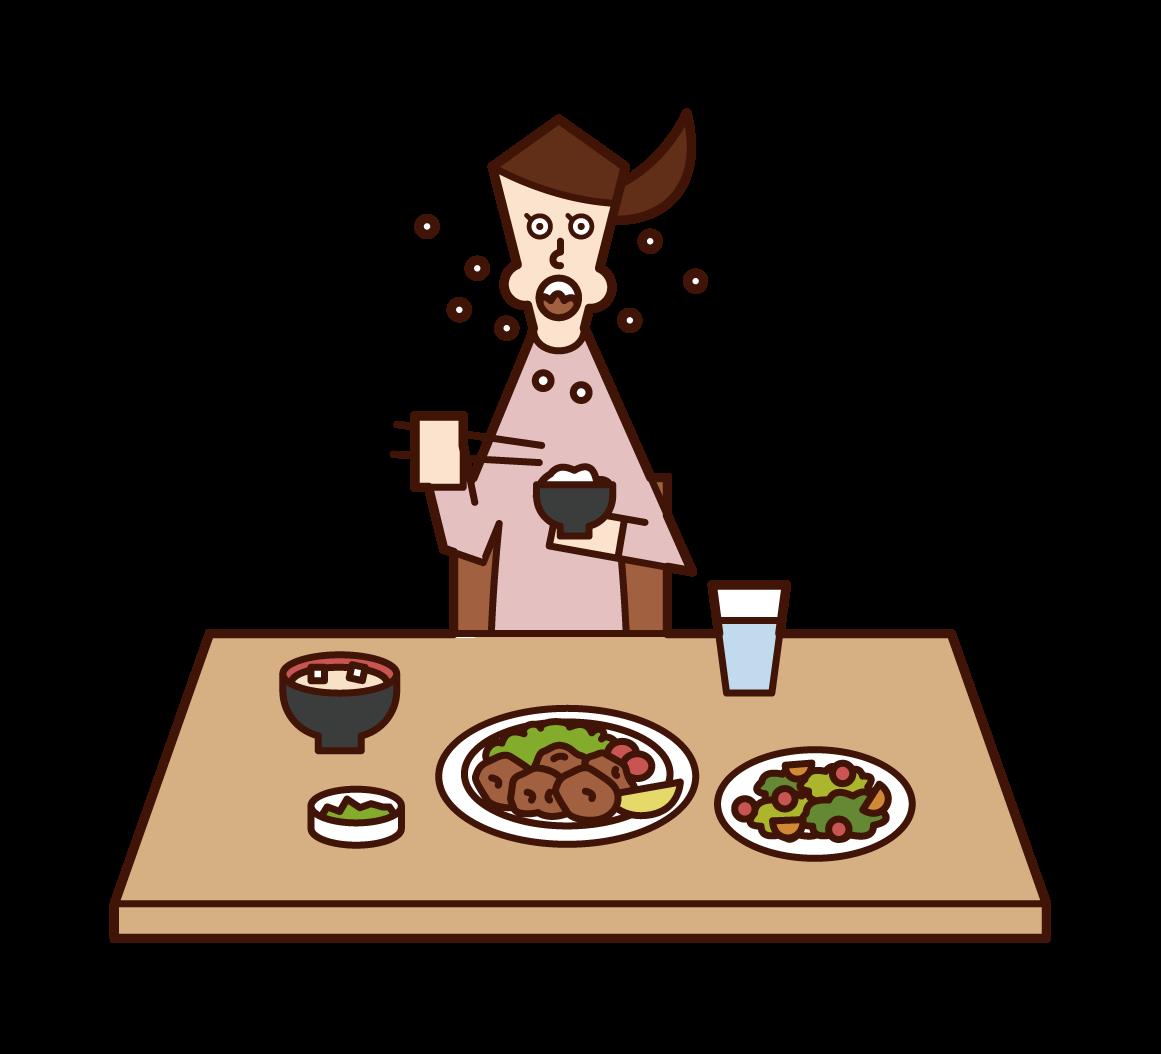 急いで食事をする人(女性)のイラスト